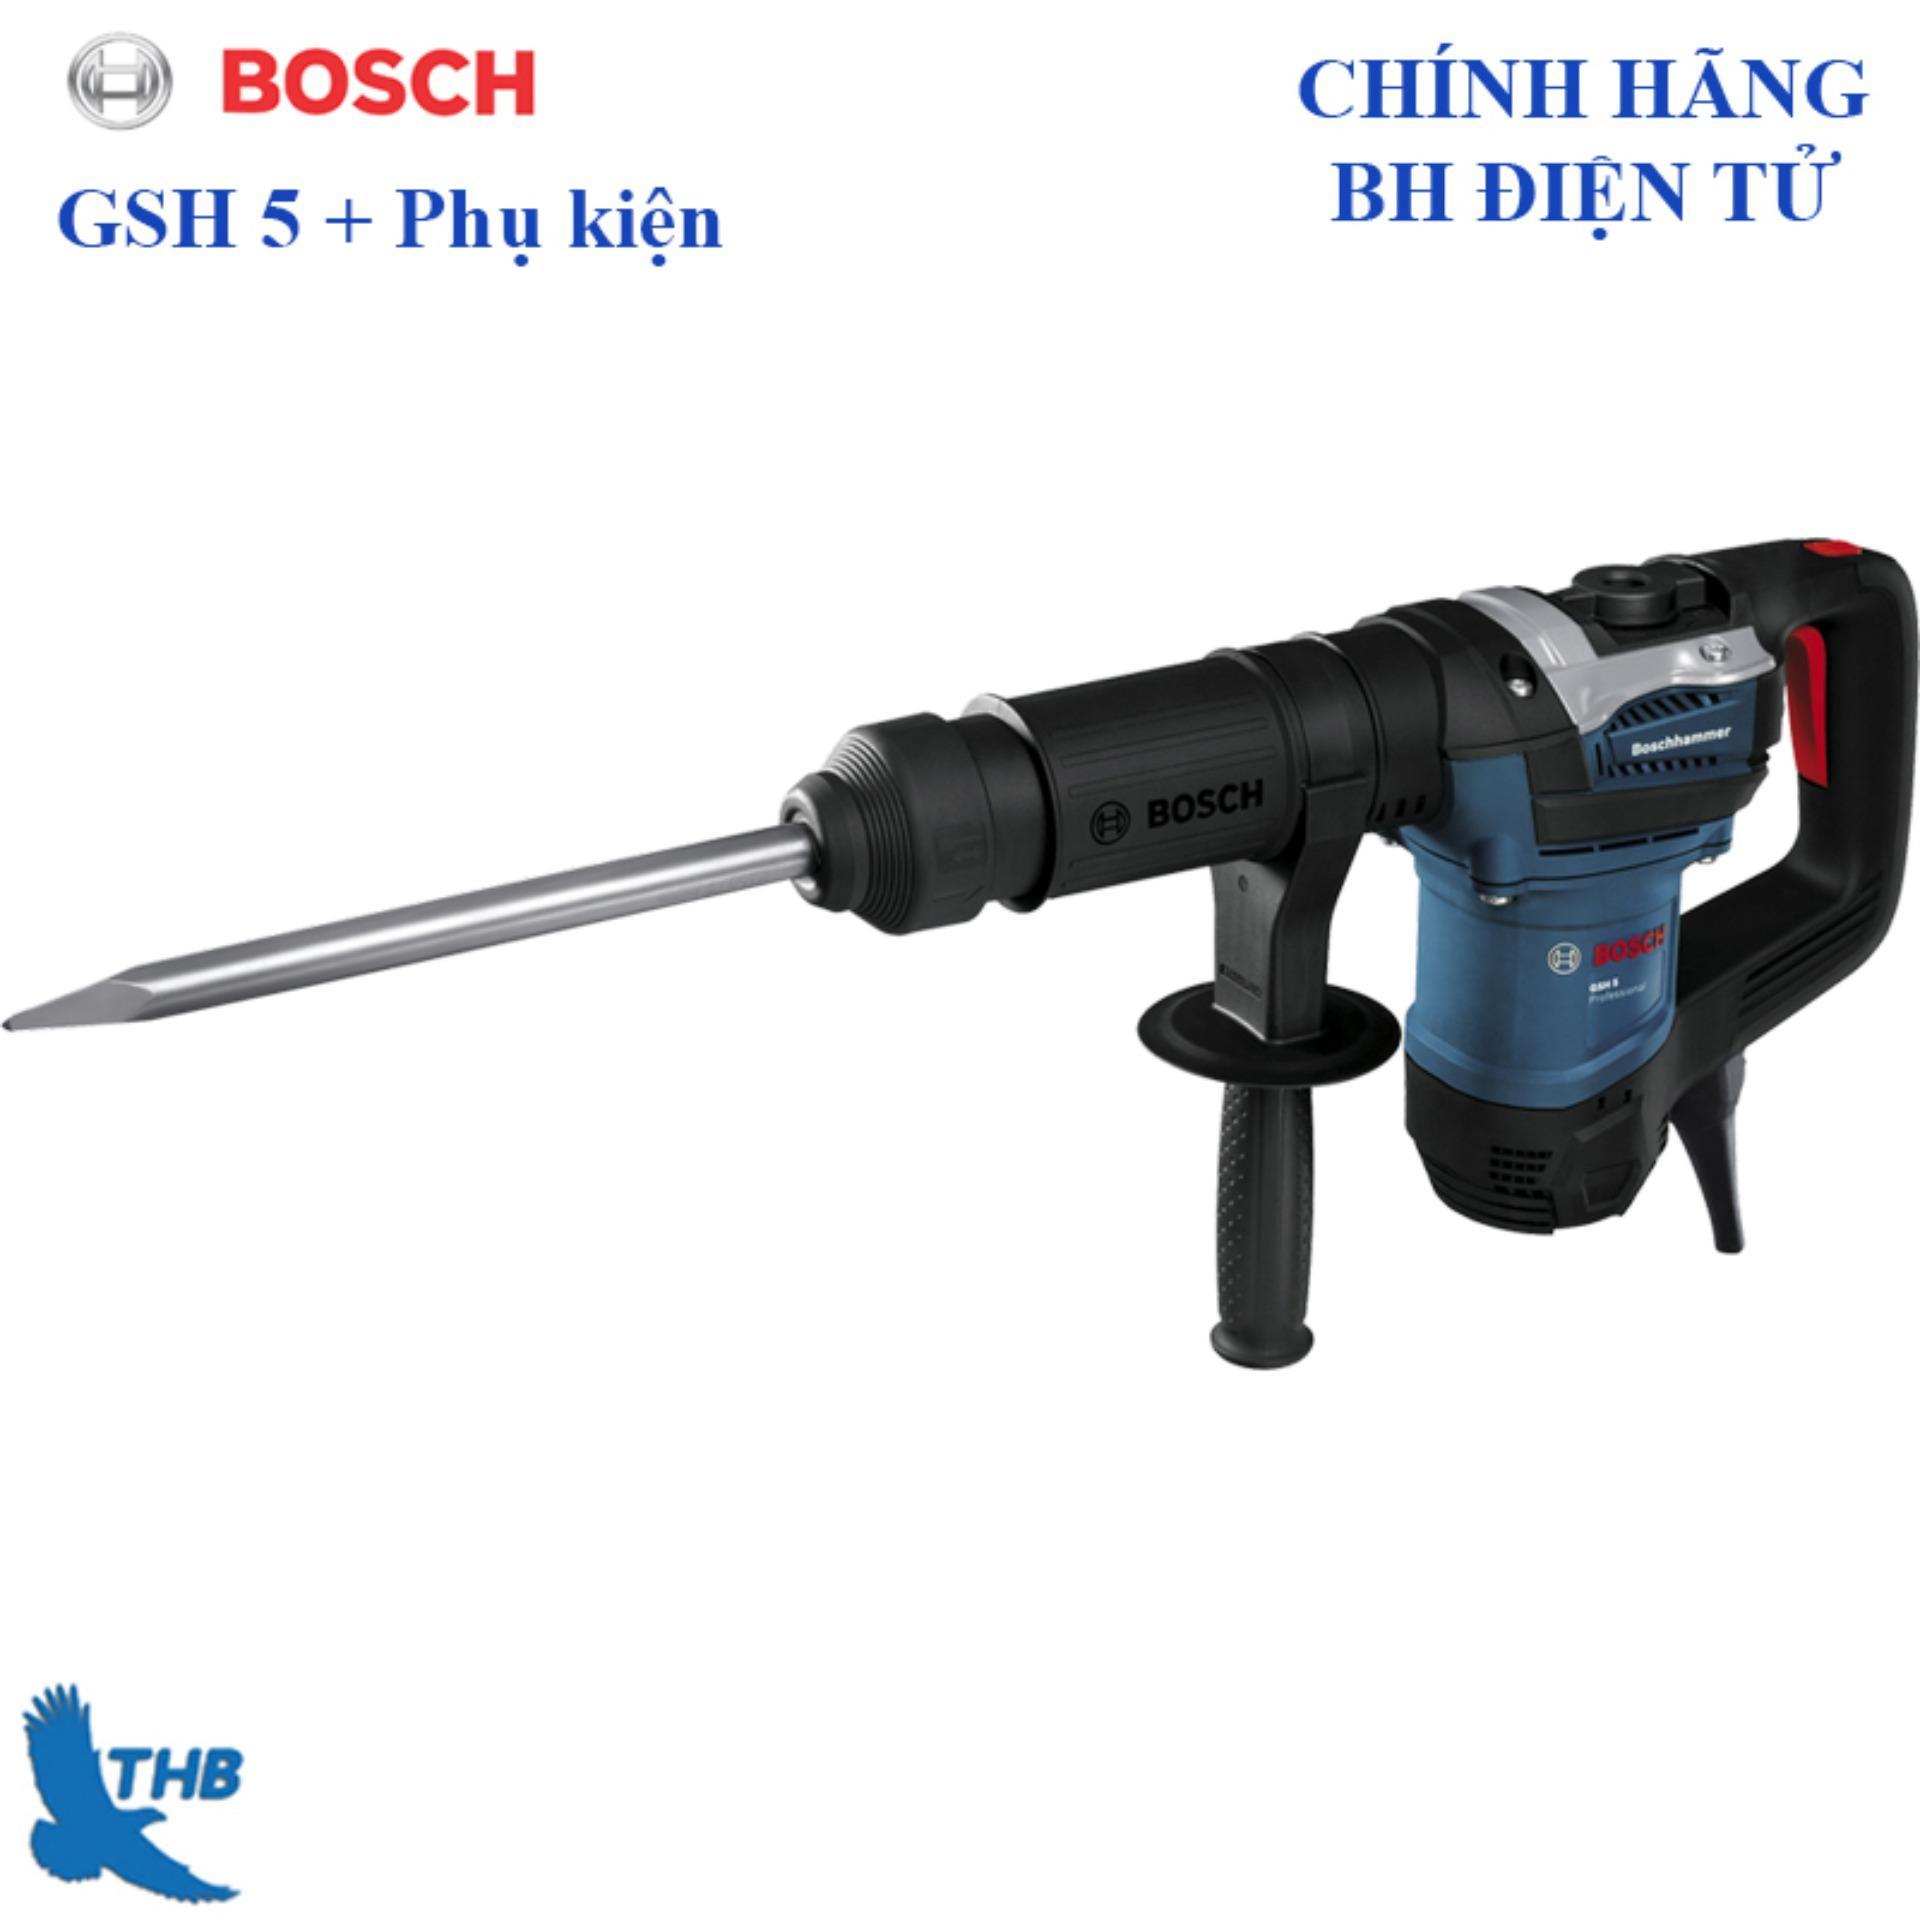 Máy đục bê tông Bosch GSH 5 + Phụ kiện